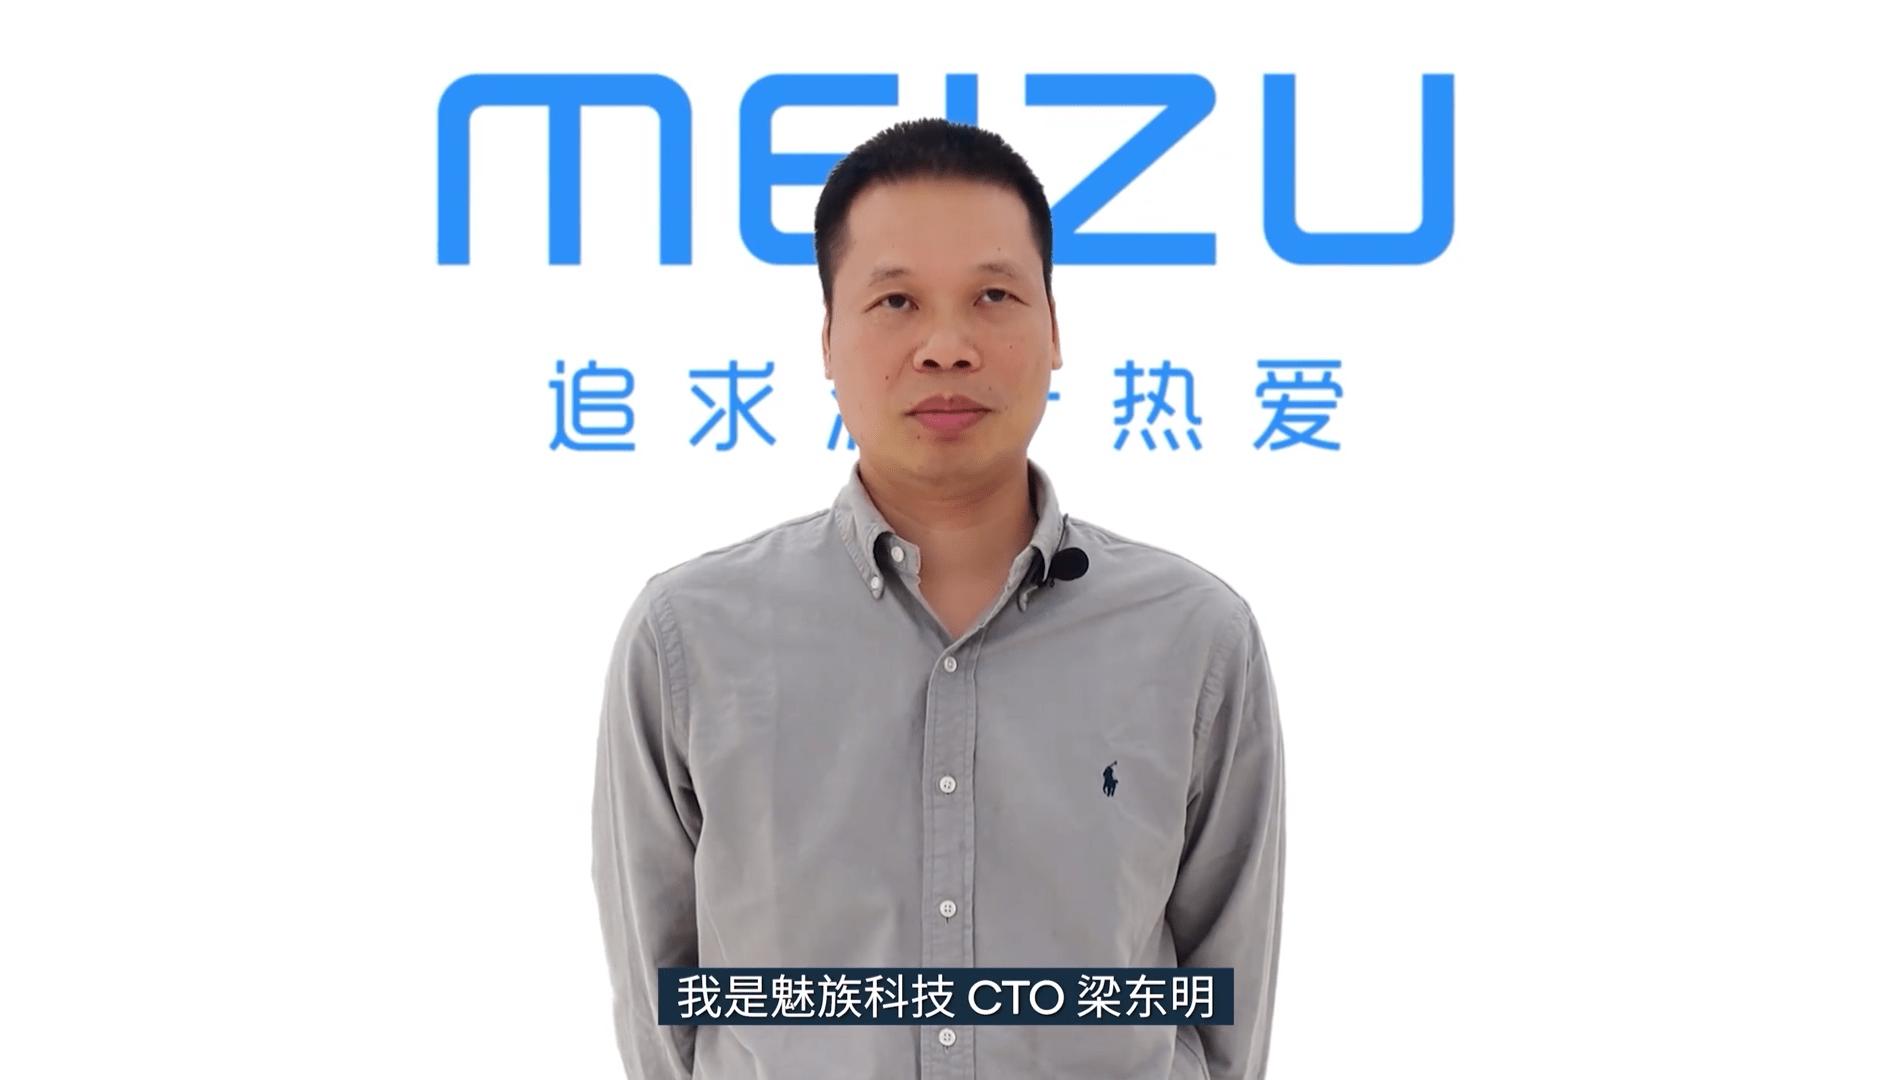 MEIZU、Qualcomm Snapdragon 888 5G発表に対してコメントを発表